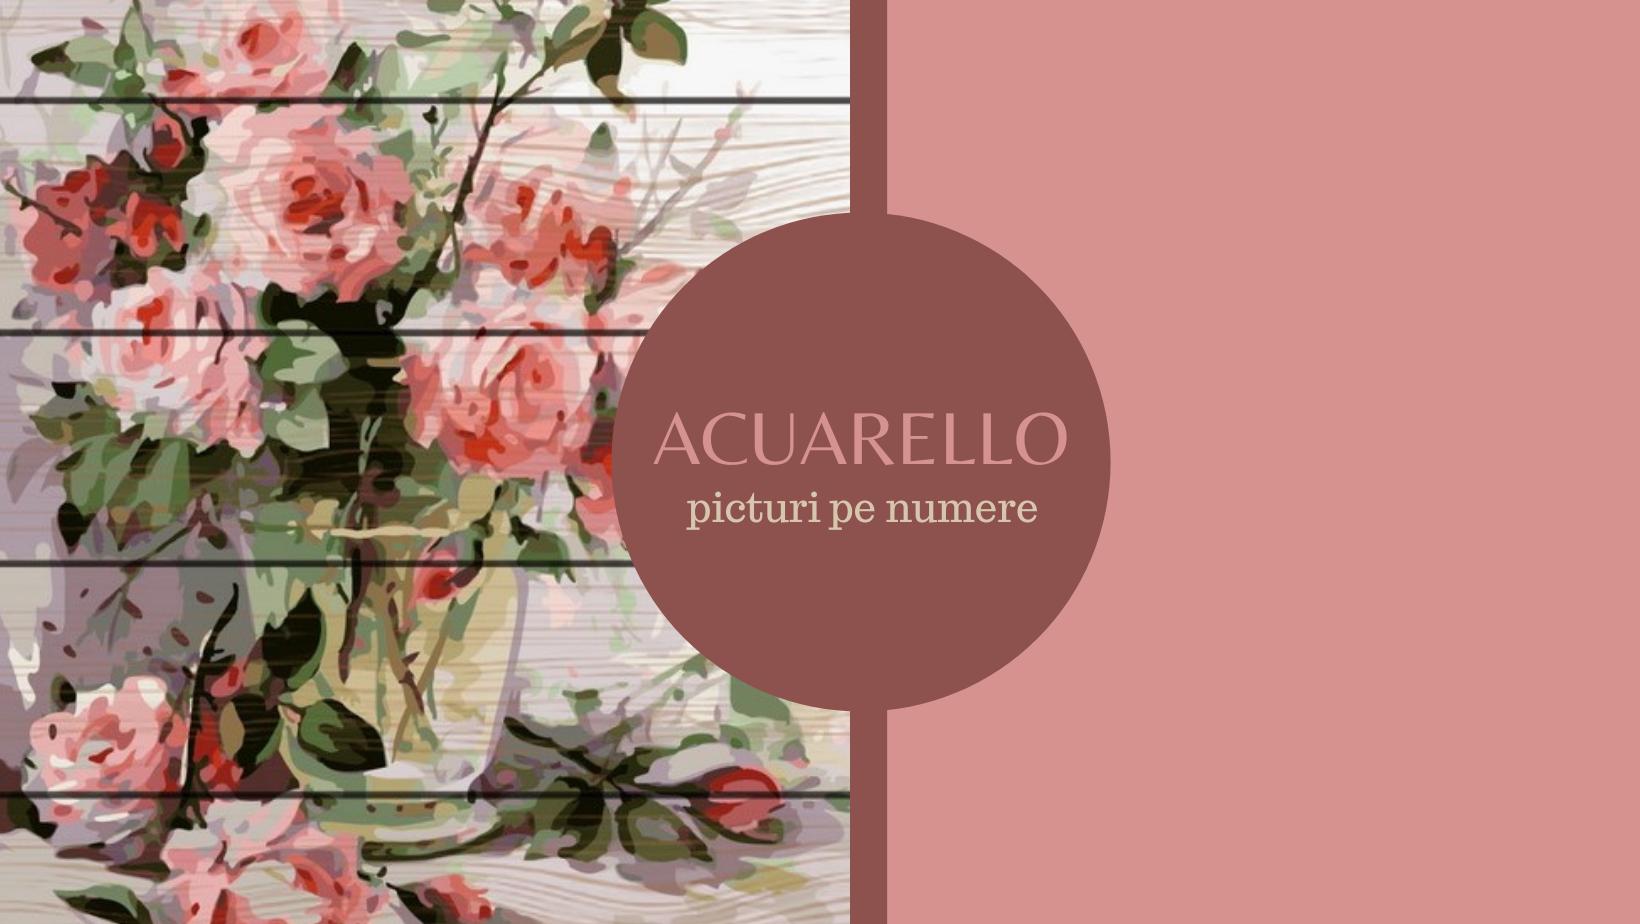 Acuarello.ro – picturi pe numere relaxante și motivante